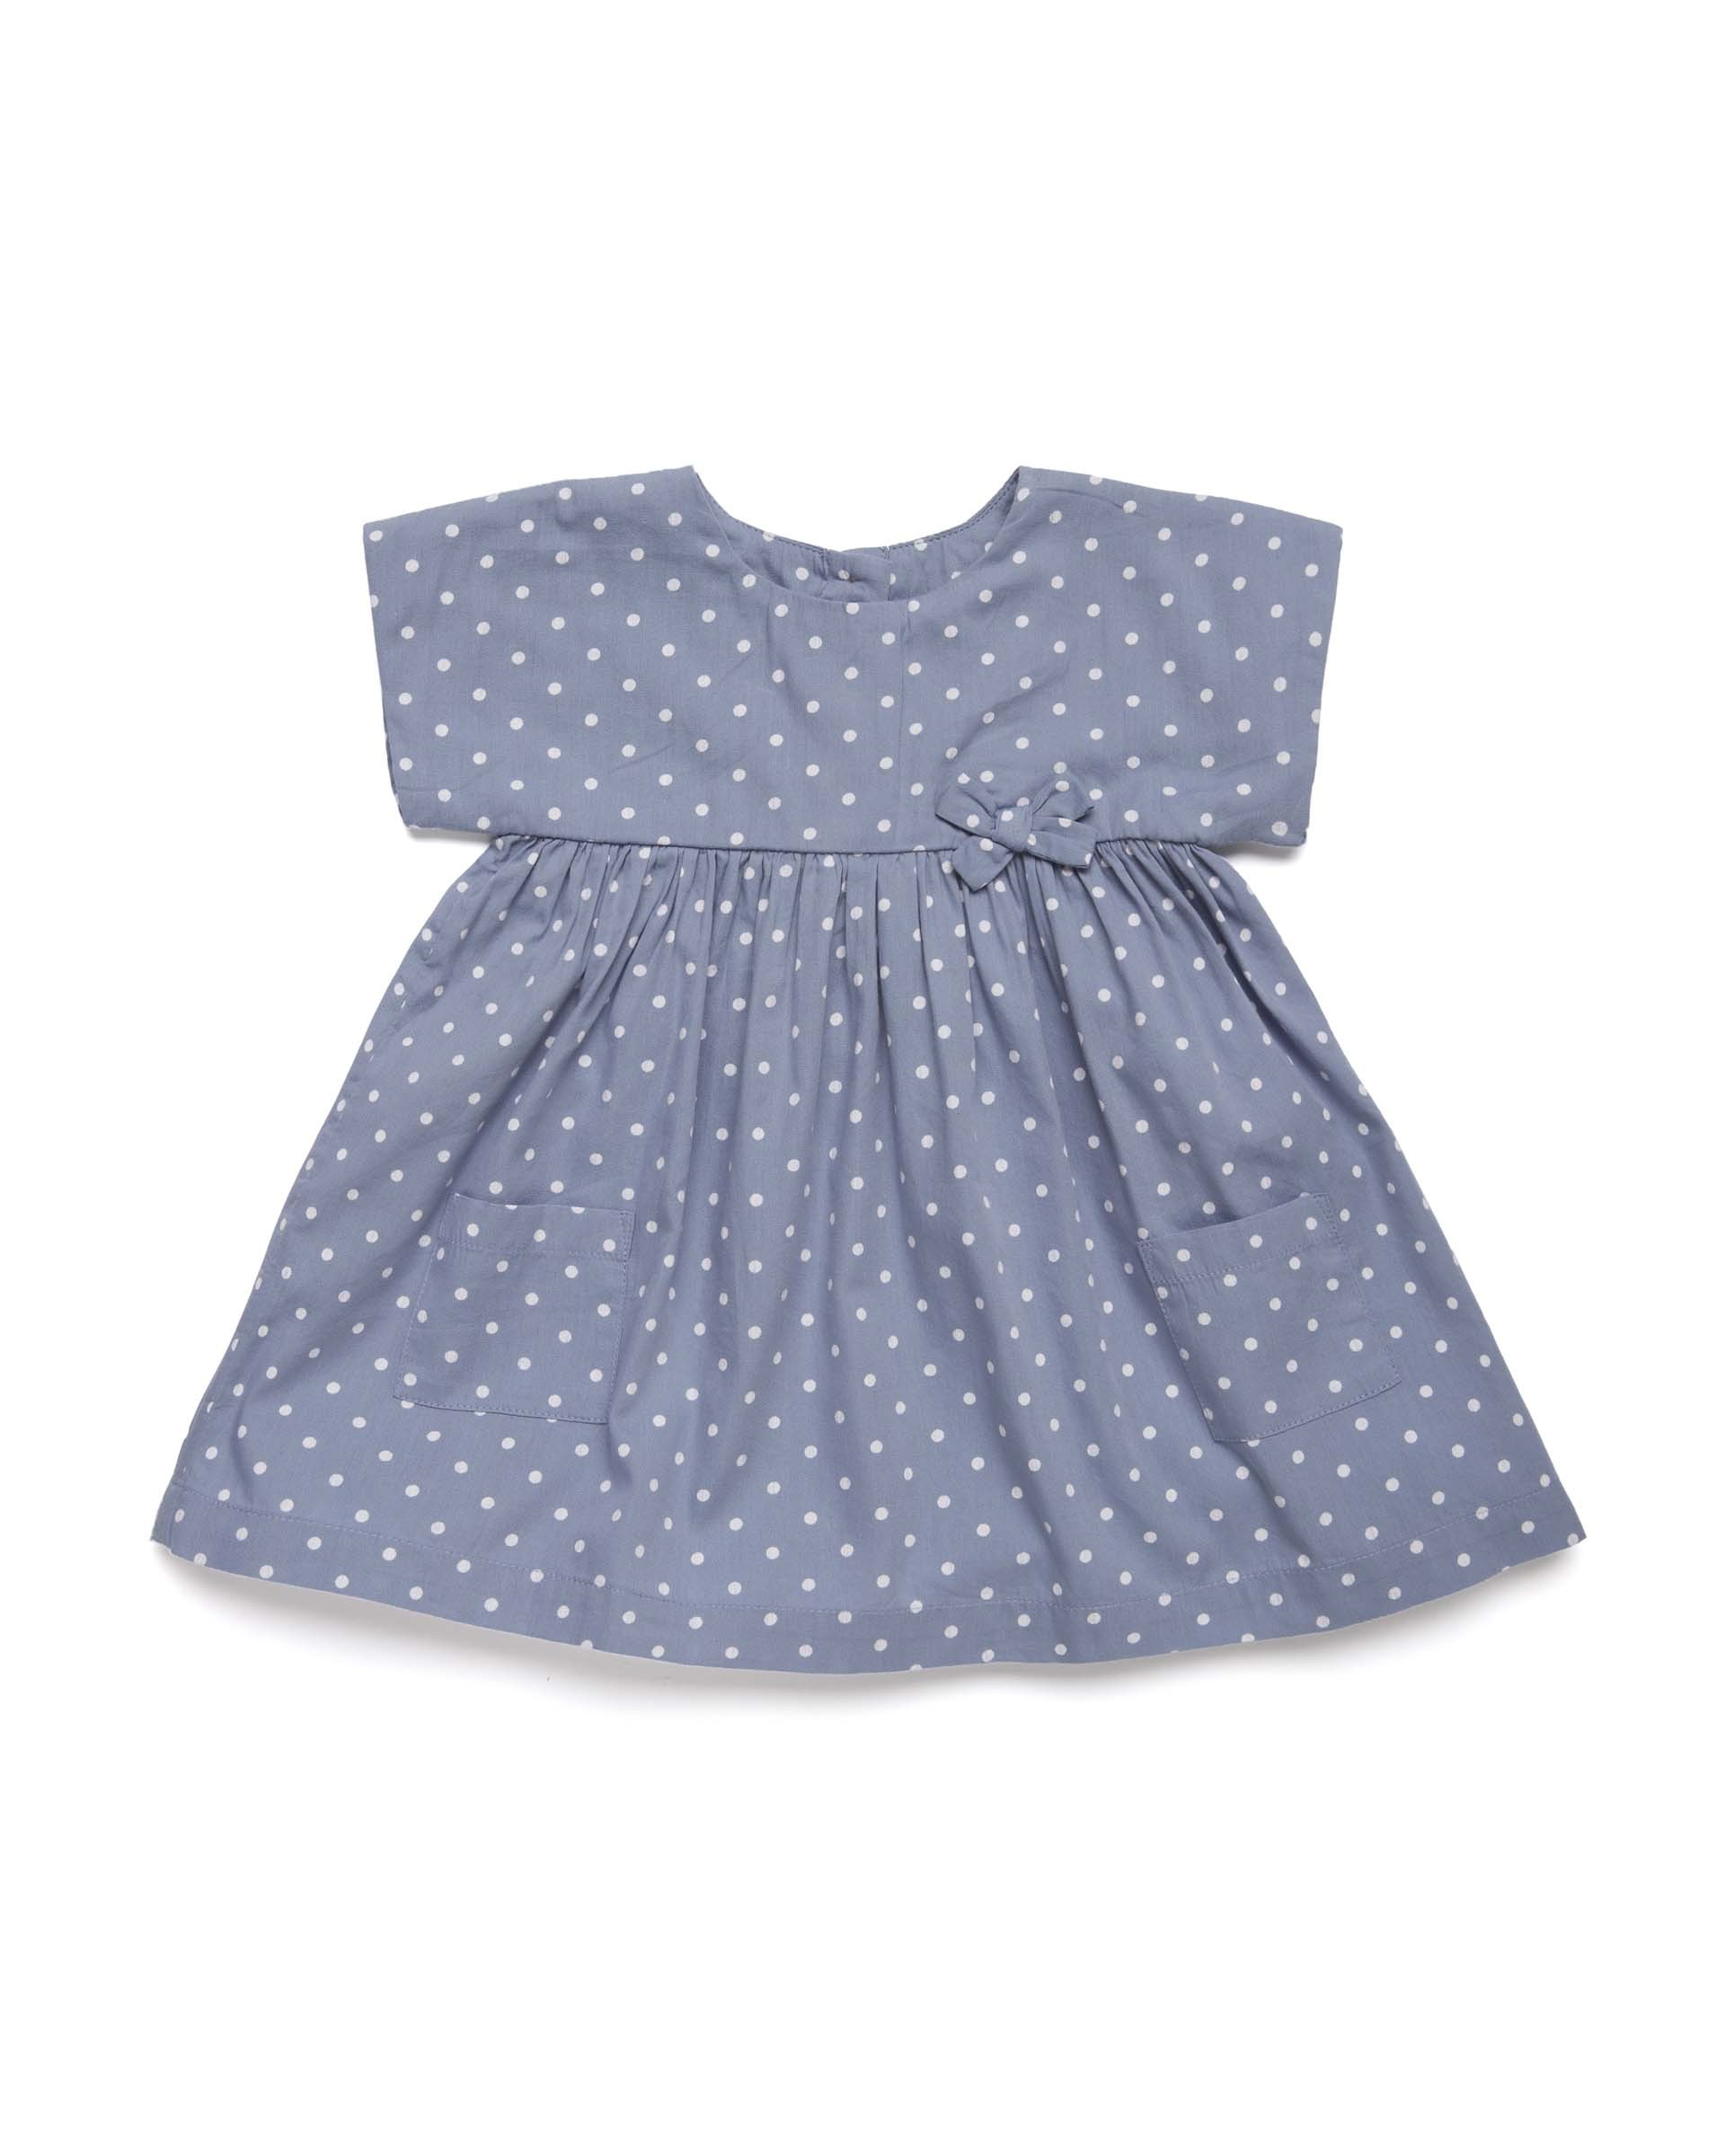 Купить 20P_4OO45V7JE_61R, Платье для девочек Benetton 4OO45V7JE_61R р-р 68, United Colors of Benetton, Платья для новорожденных